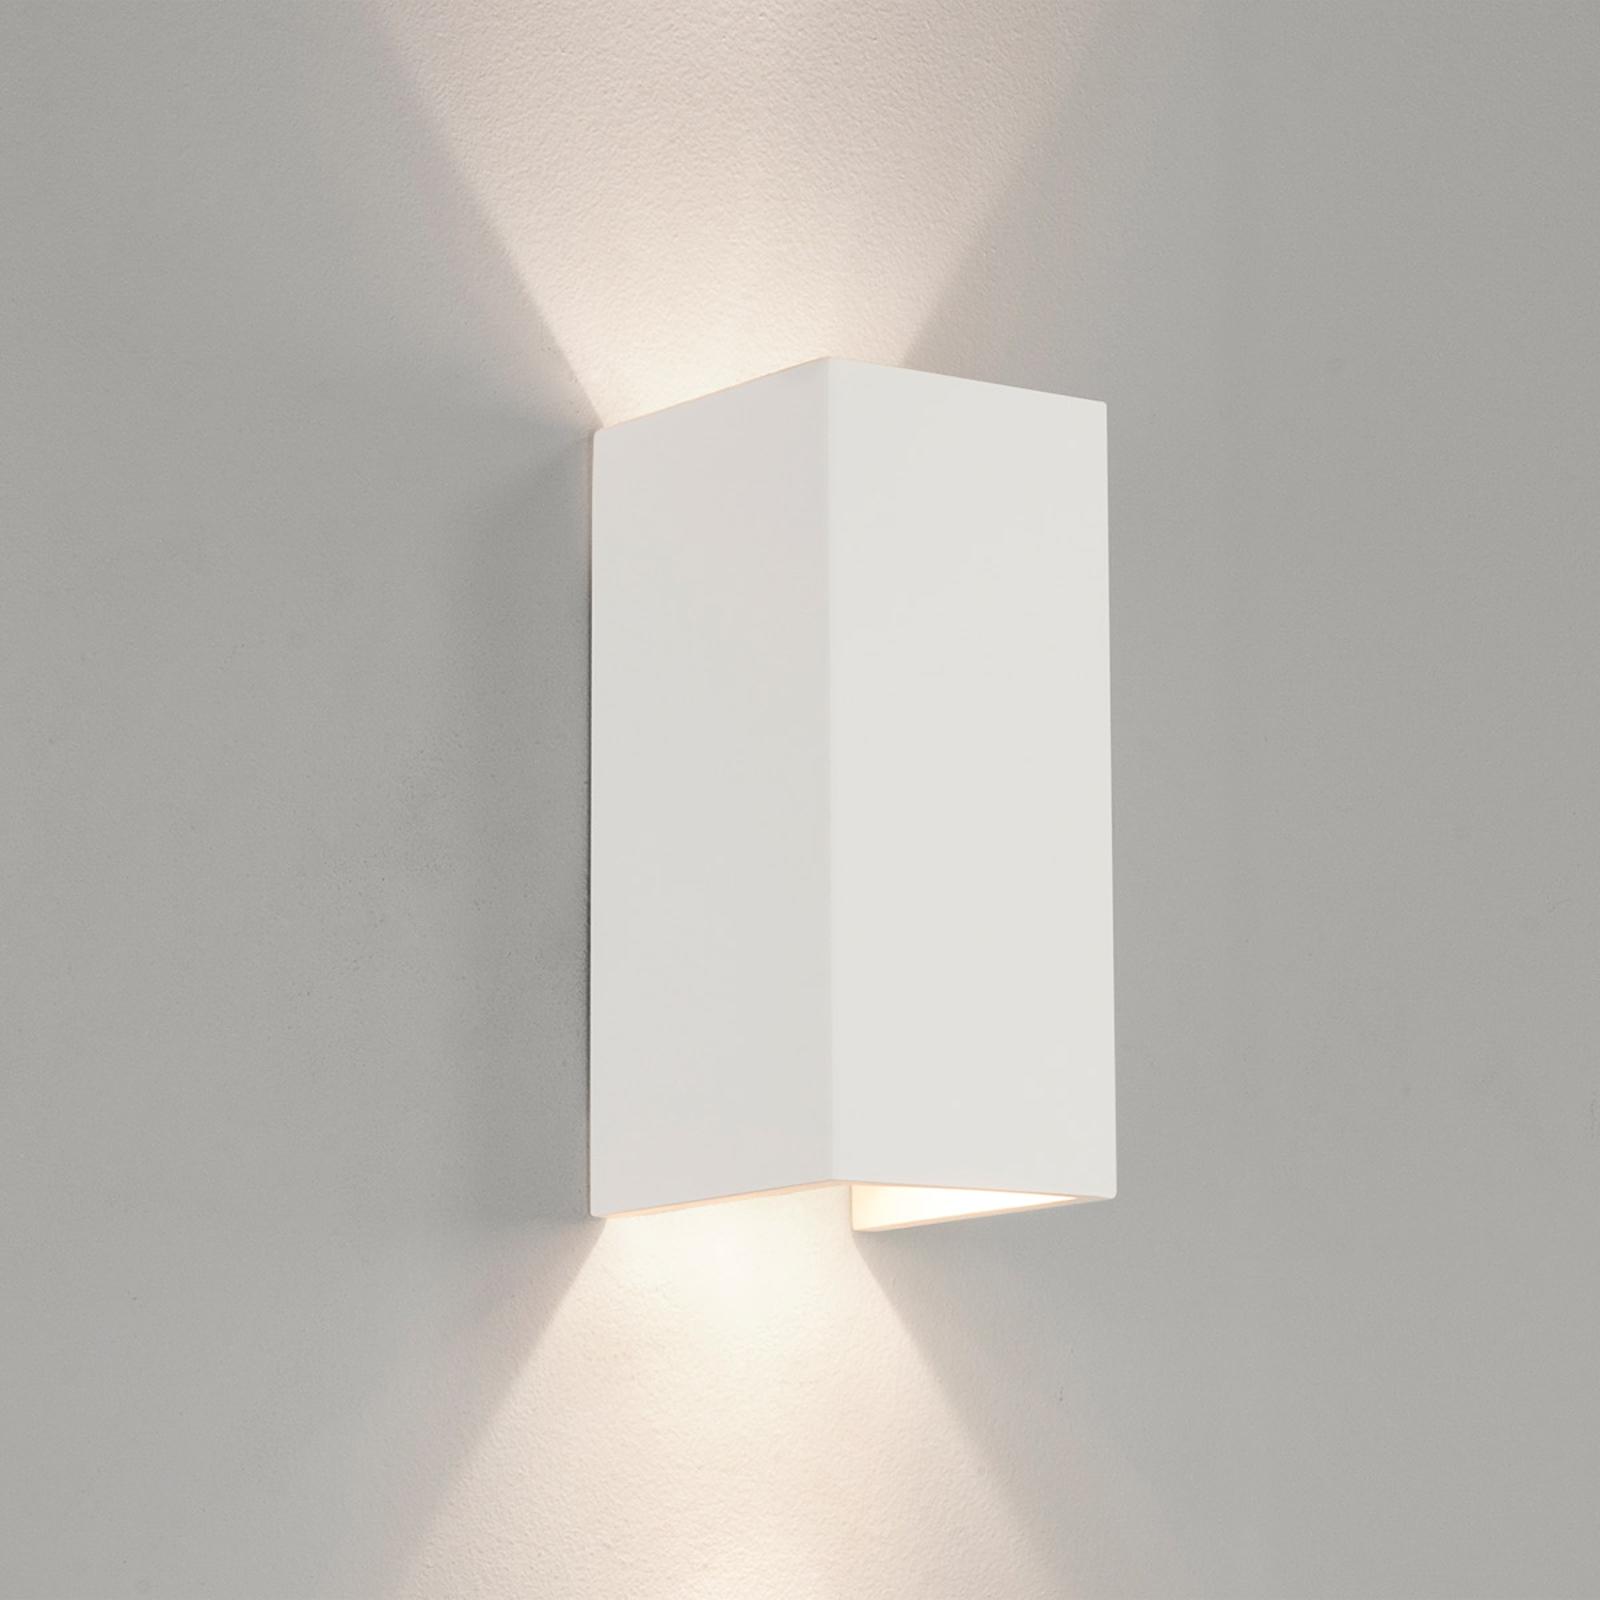 Astro Parma 210 applique bianca